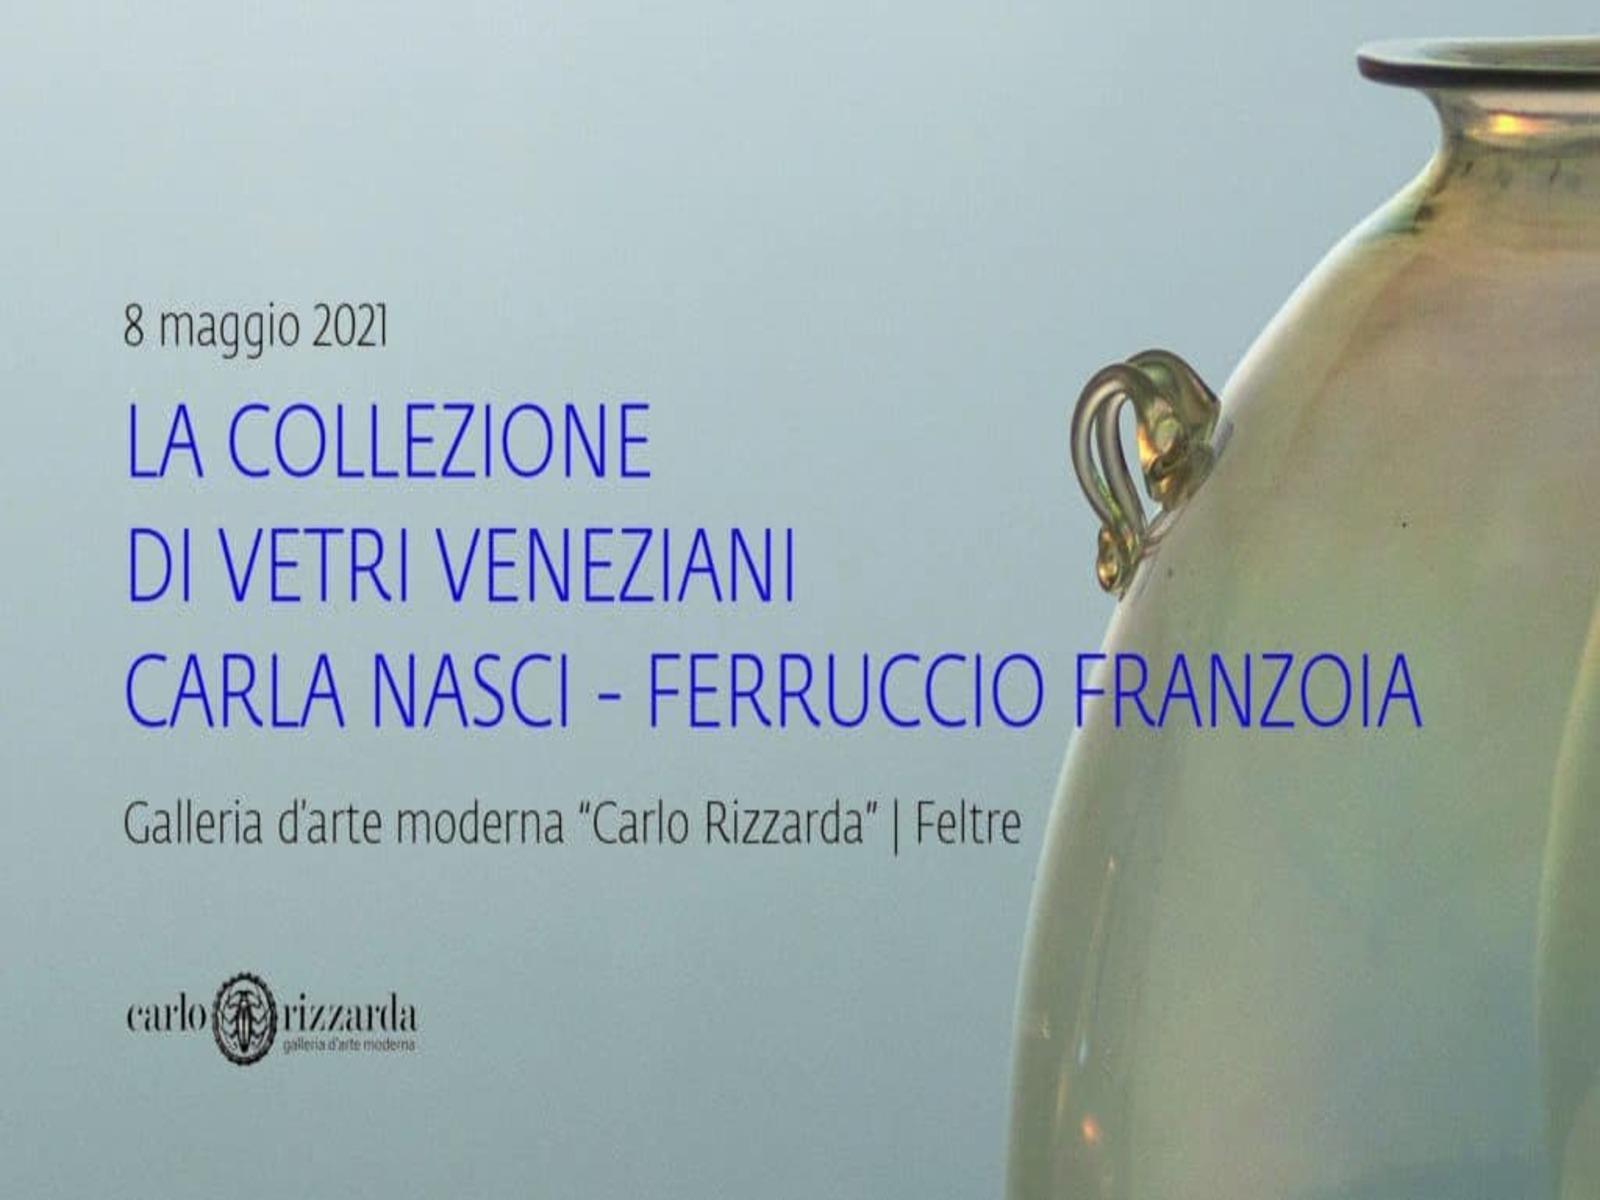 Collezione di vetri veneziani Nasci – Franzoia